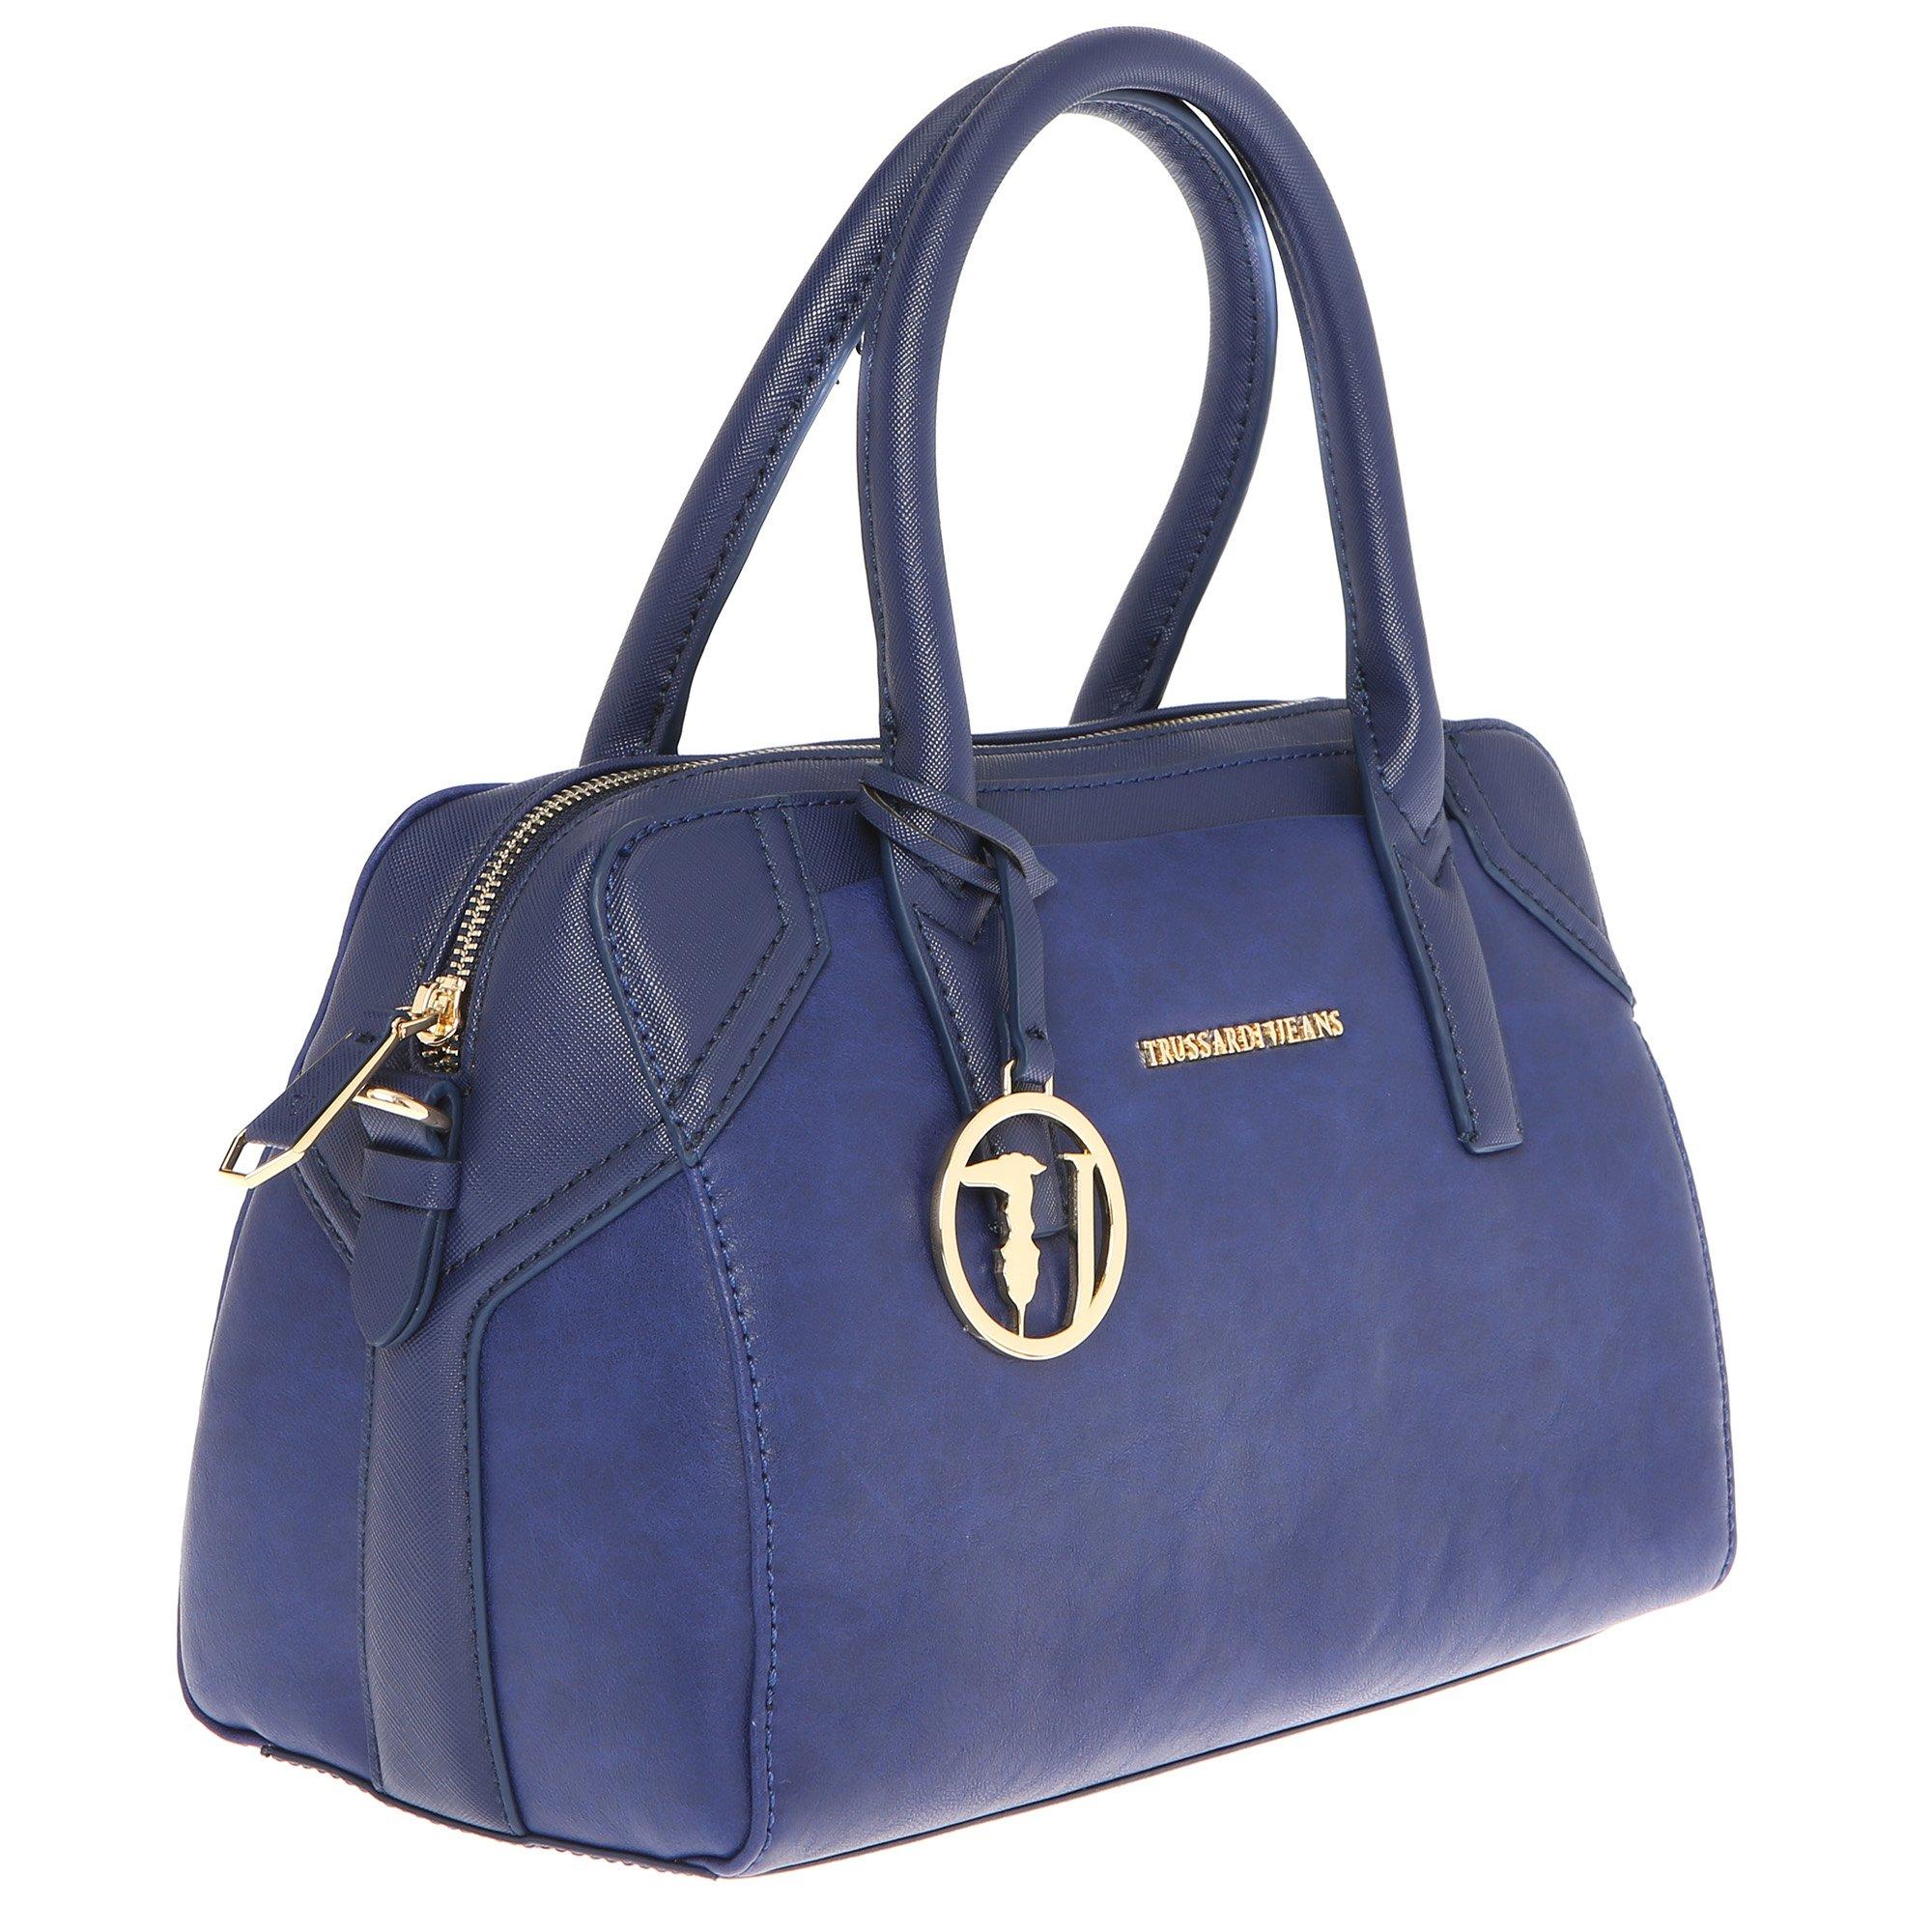 negozio online 7418d f5c06 Trussardi Jeans Borsa a Mano Bauletto da Donna con Tracolla ...